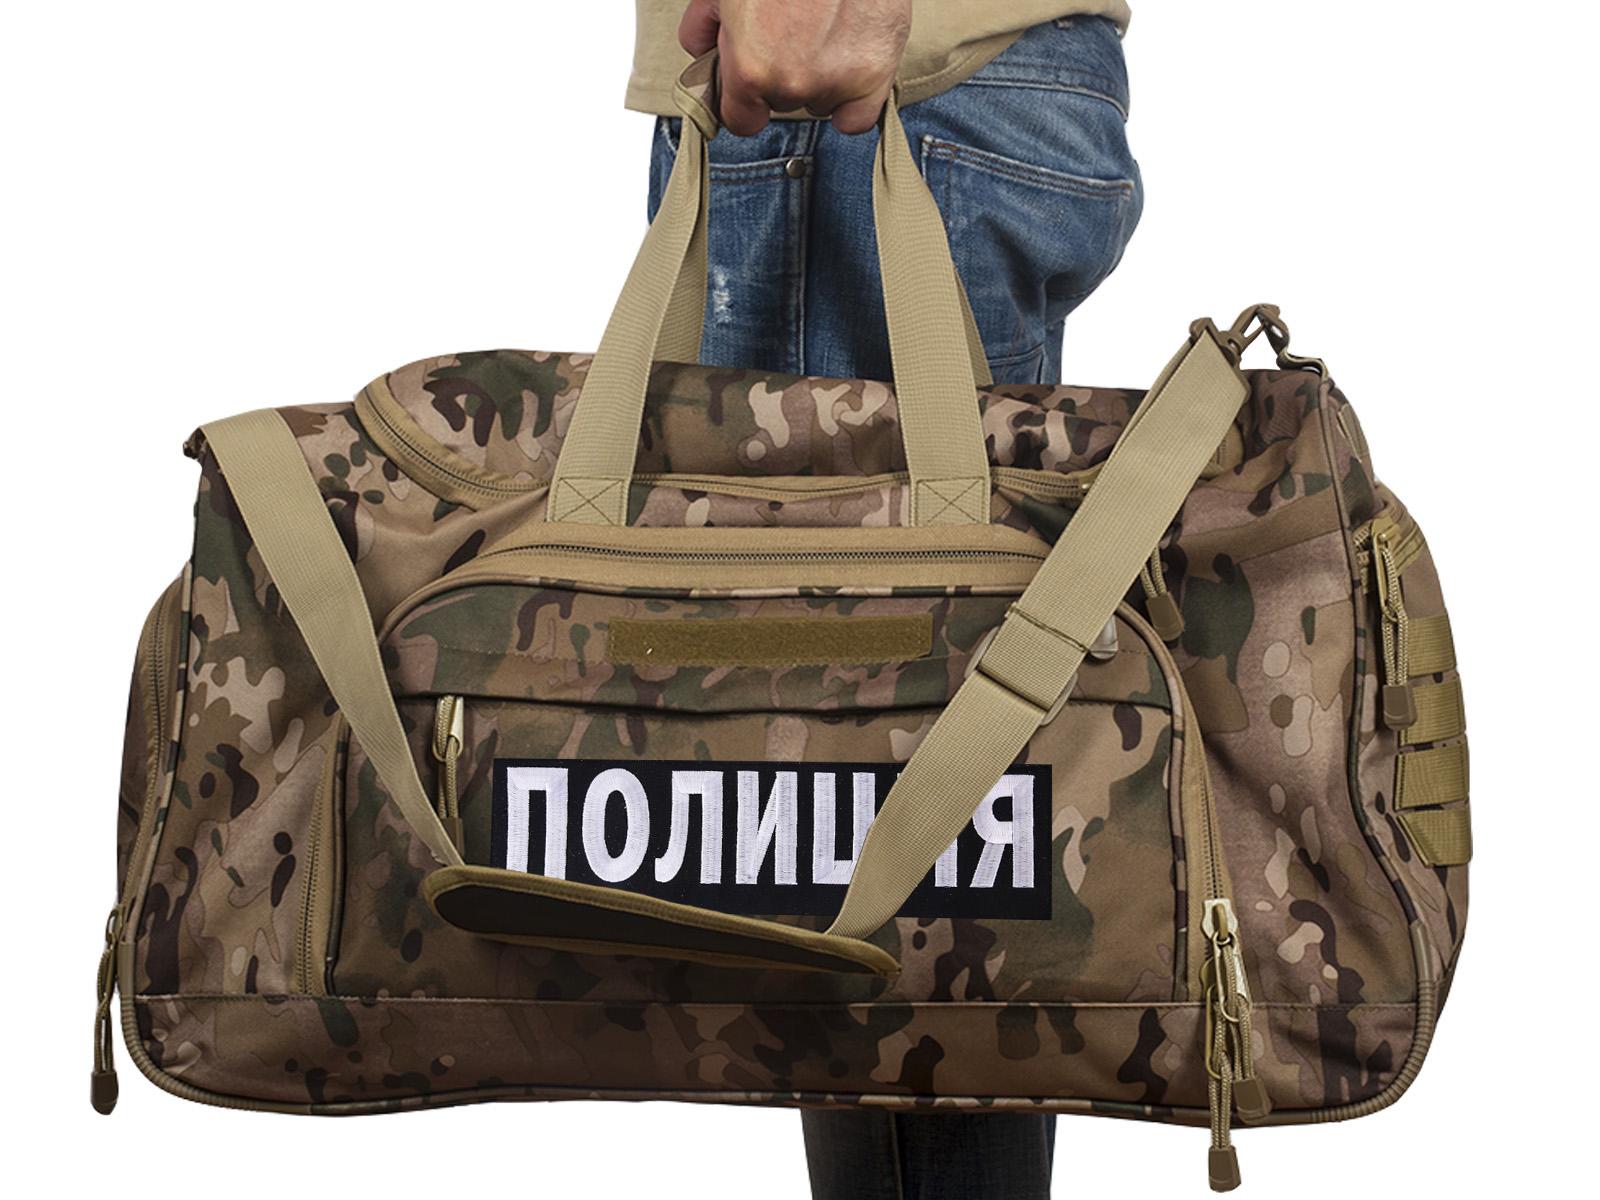 Купить тревожную сумку 08032B с нашивкой Полиция по лучшей цене